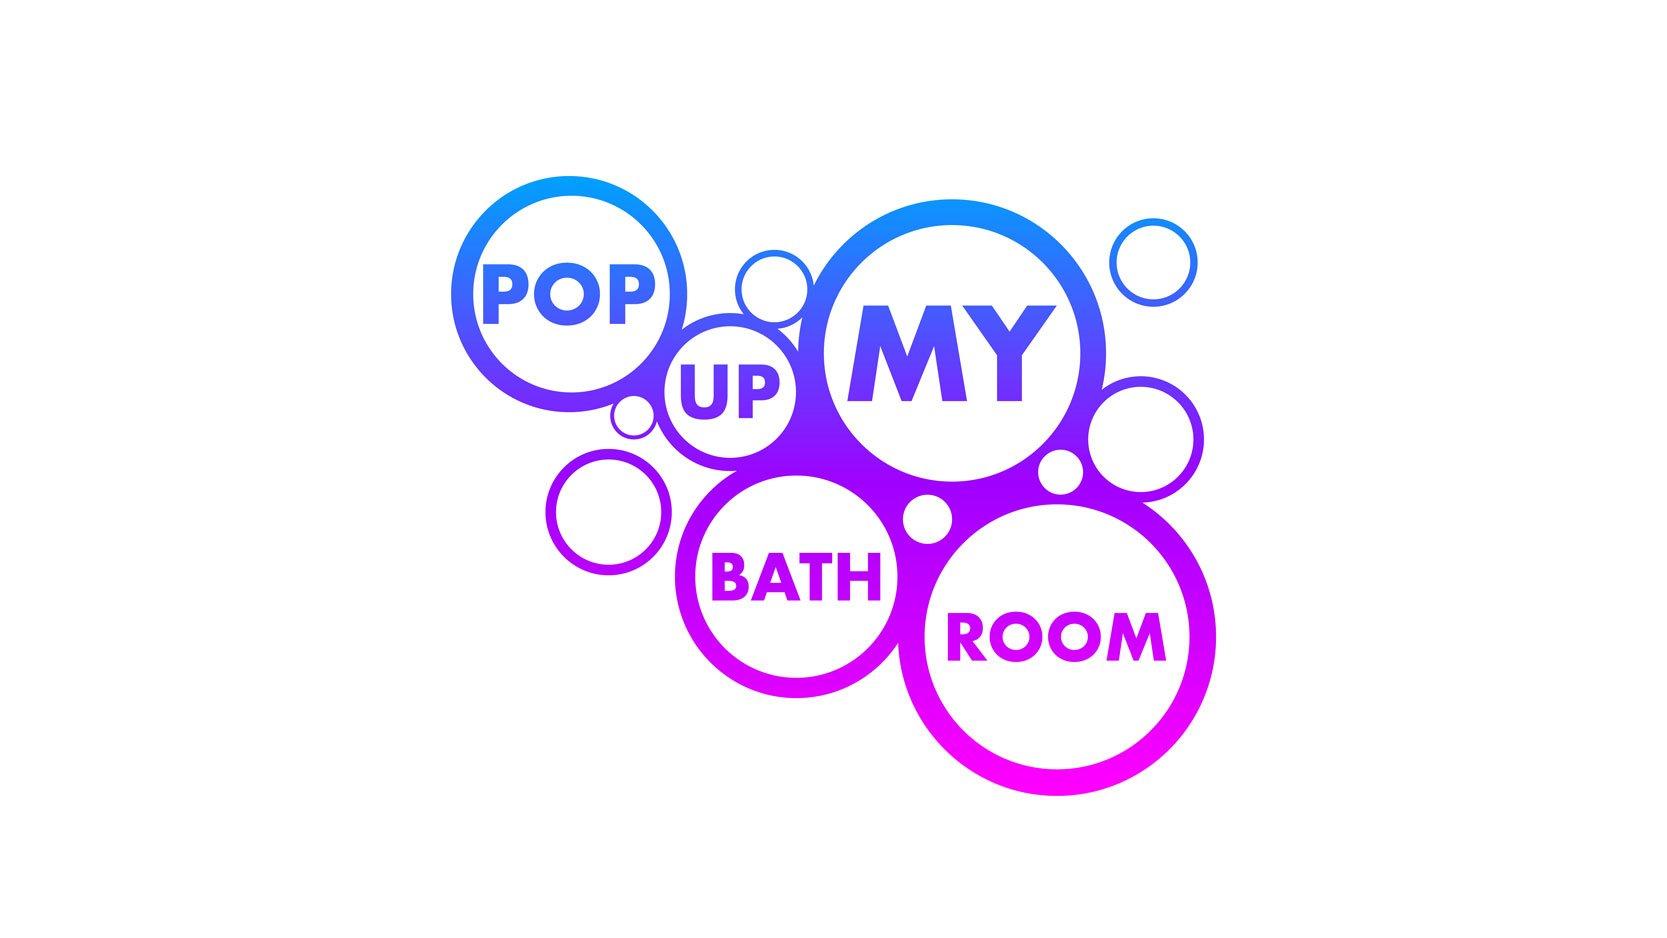 https://farconsulting.de/wp-content/uploads/2021/05/Logo_Pop-up_my-Bathroom_ISH_2021_16_9.jpg